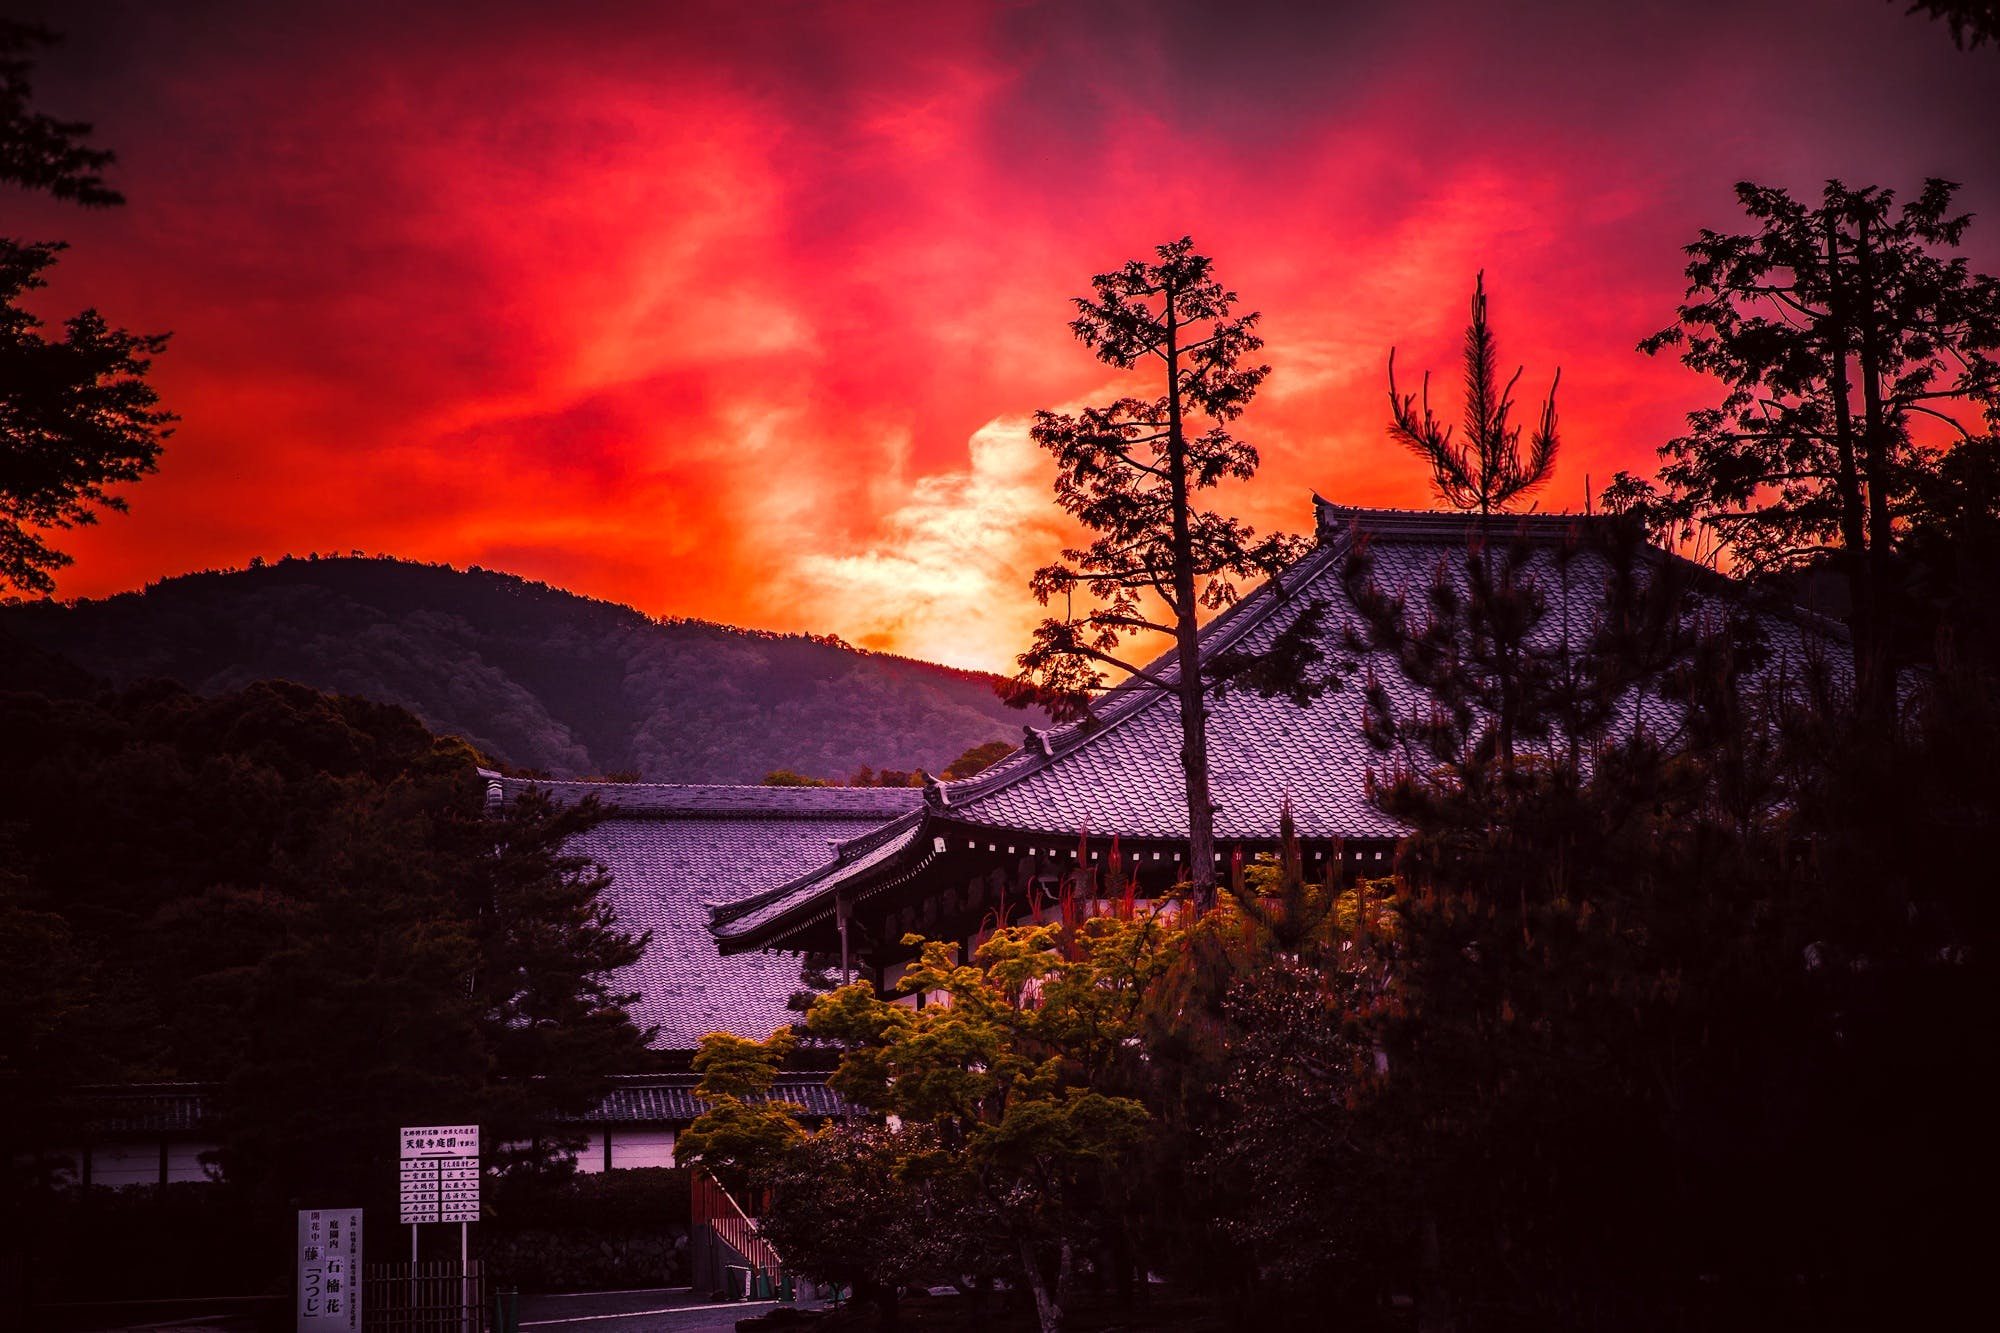 açık, ağaçlar, akşam, arkadan aydınlatılmış içeren Ücretsiz stok fotoğraf